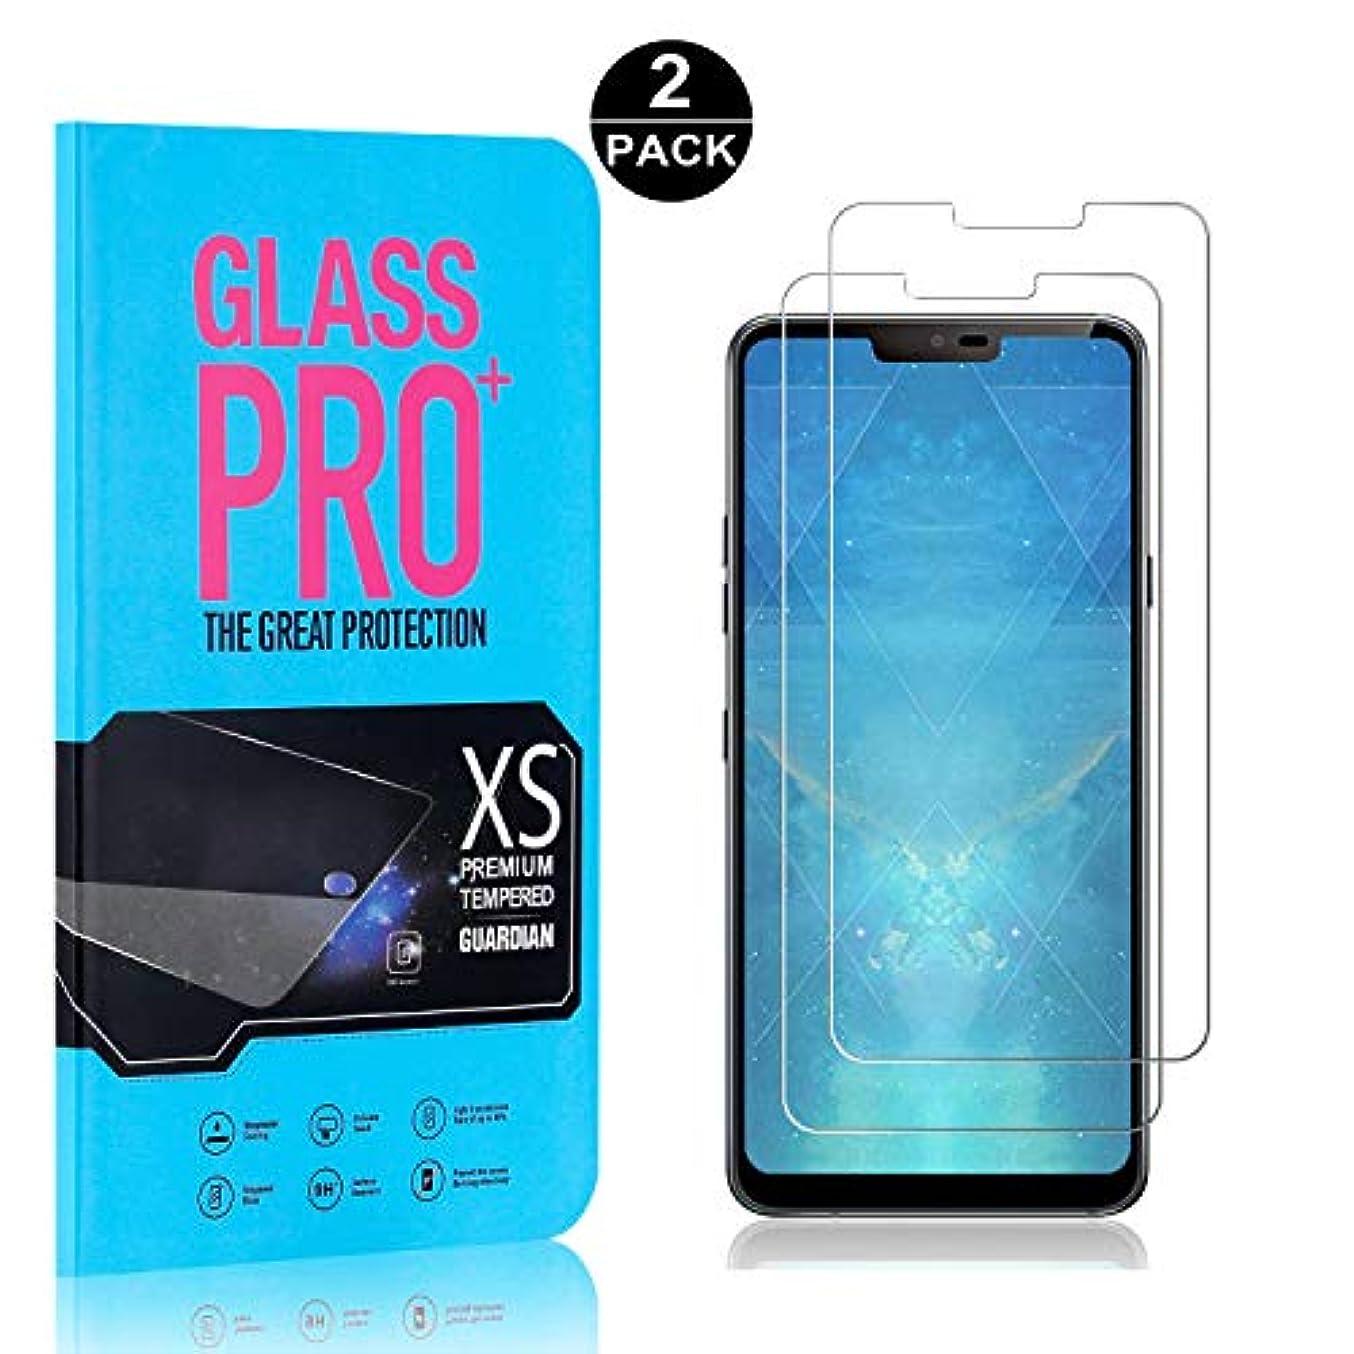 プレートフロー先駆者【2枚セット】 LG G7 ThinQ 超薄 フィルム CUNUS LG G7 ThinQ 専用設計 強化ガラスフィルム 高透明度で 気泡防止 飛散防止 硬度9H 耐衝撃 超薄0.26mm 液晶保護フィルム